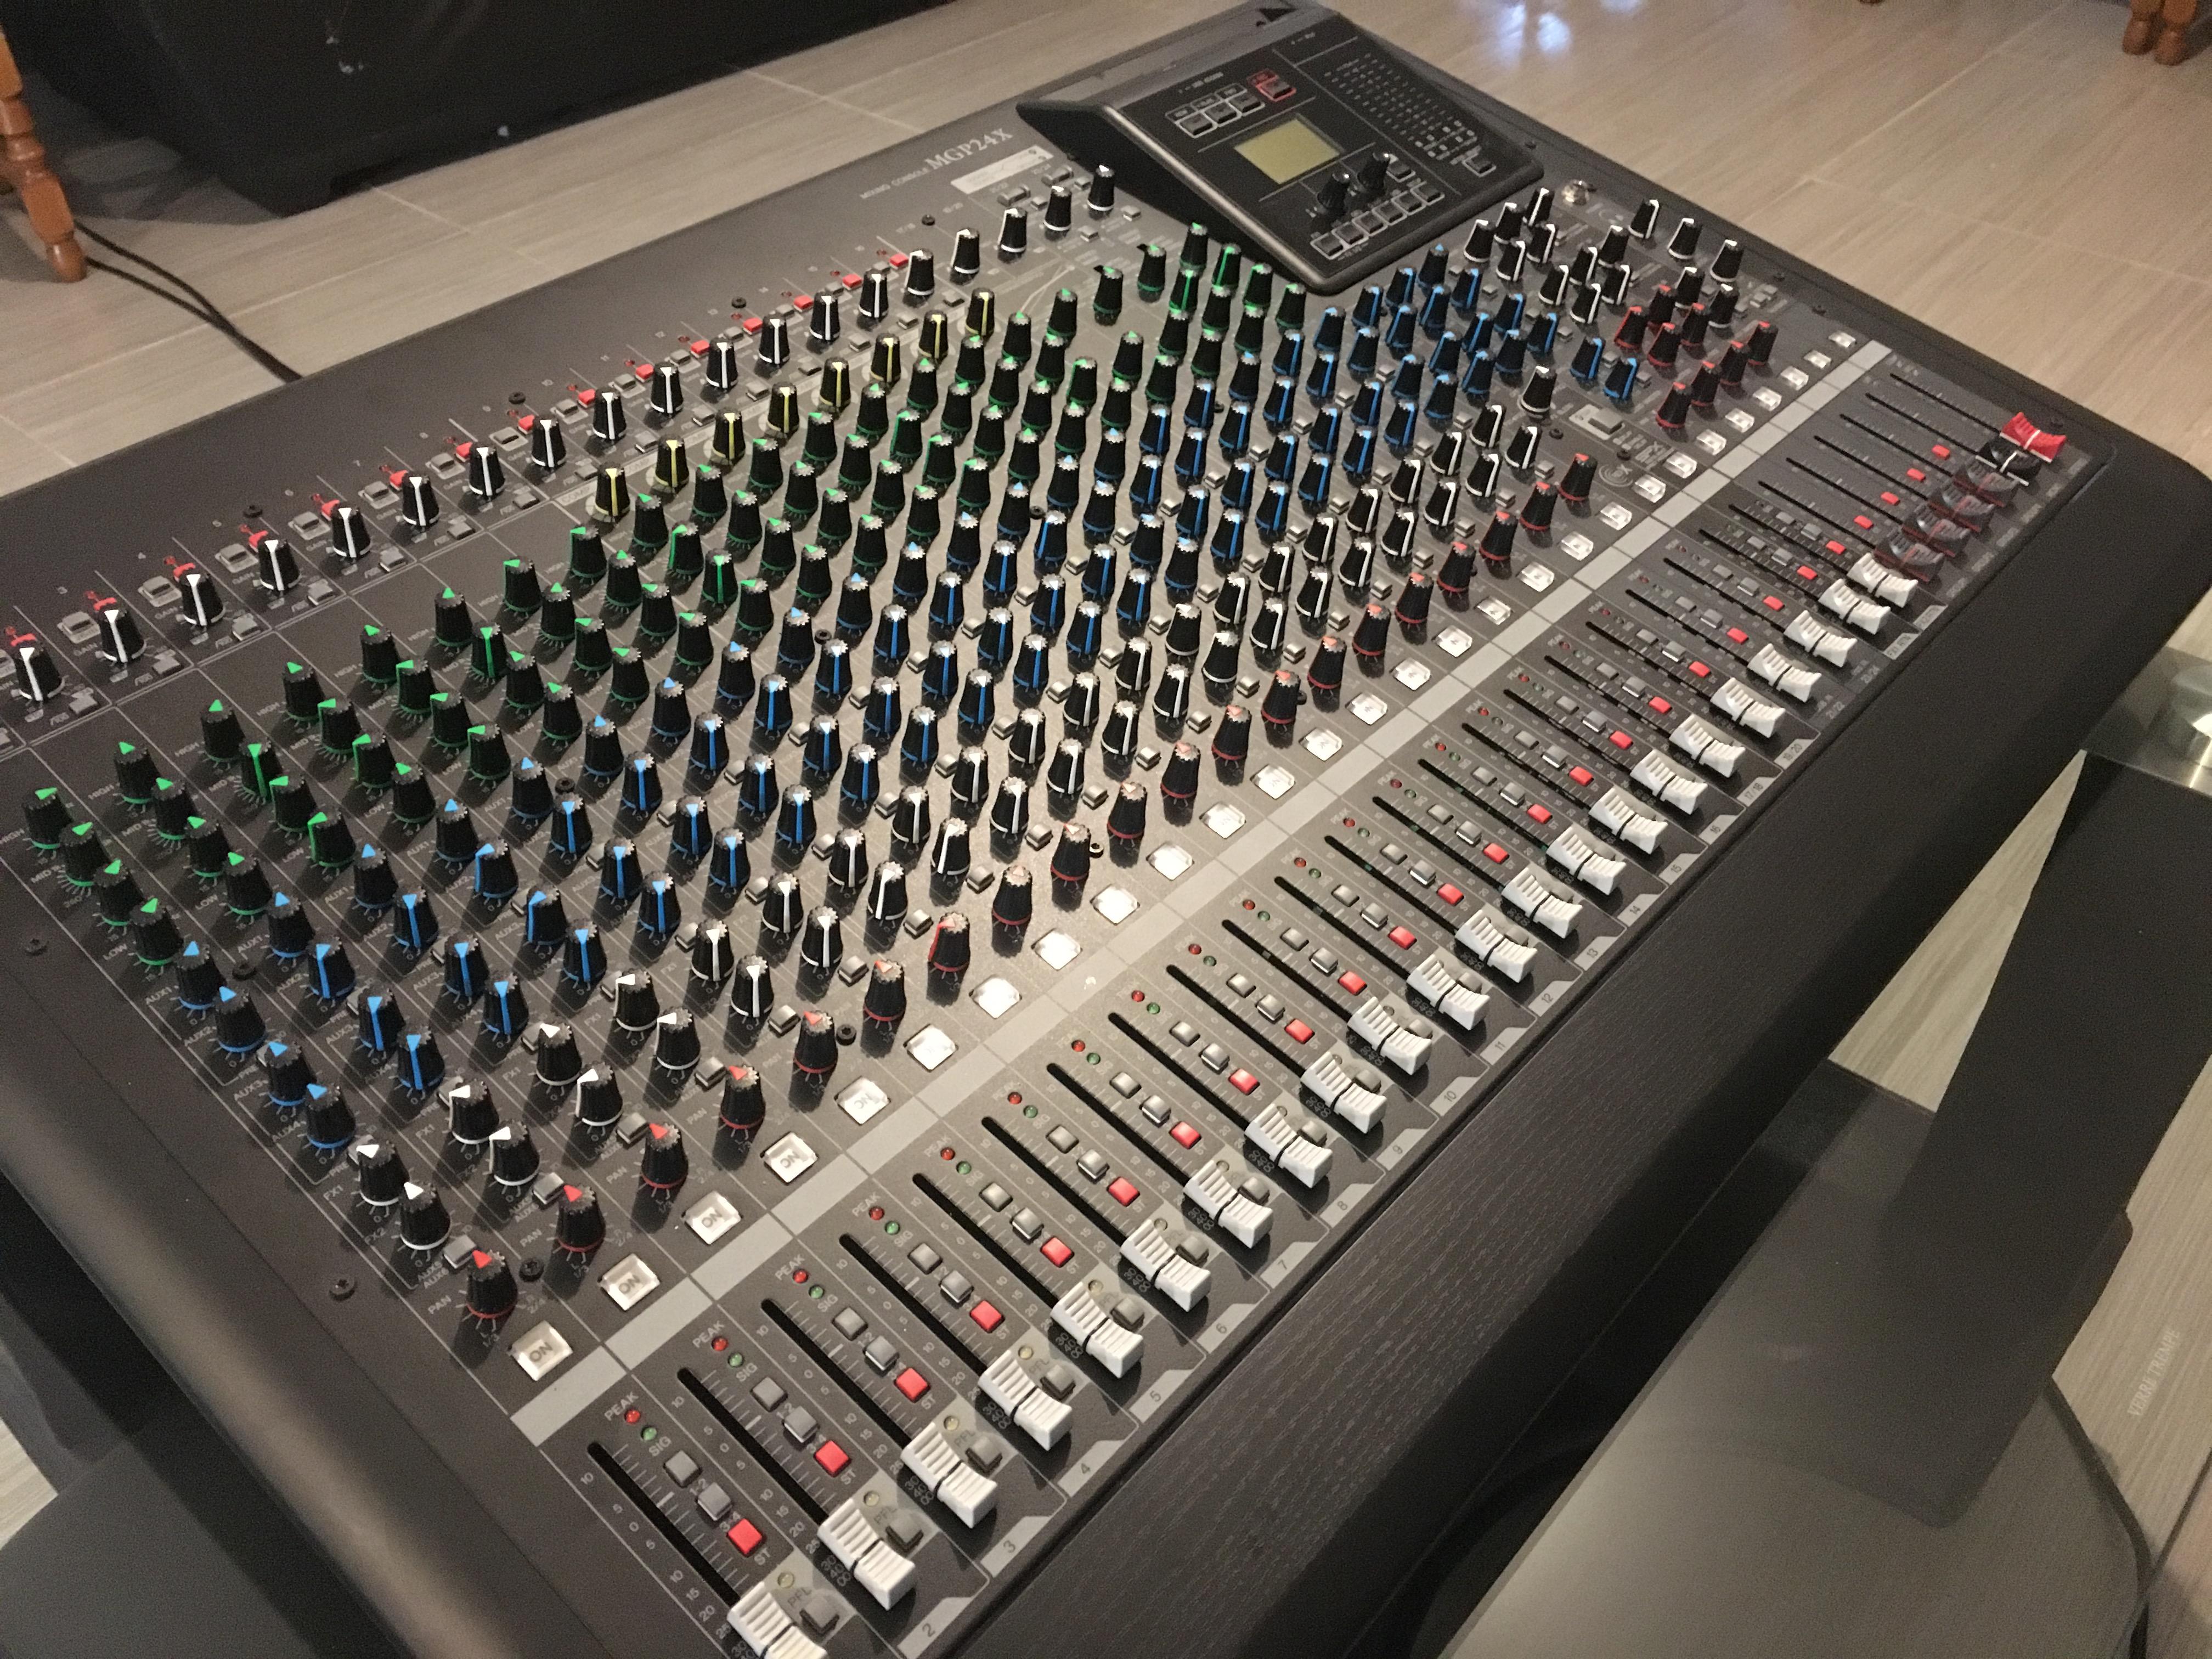 Yamaha mgp24x image 2006985 audiofanzine for Yamaha mgp24x 24